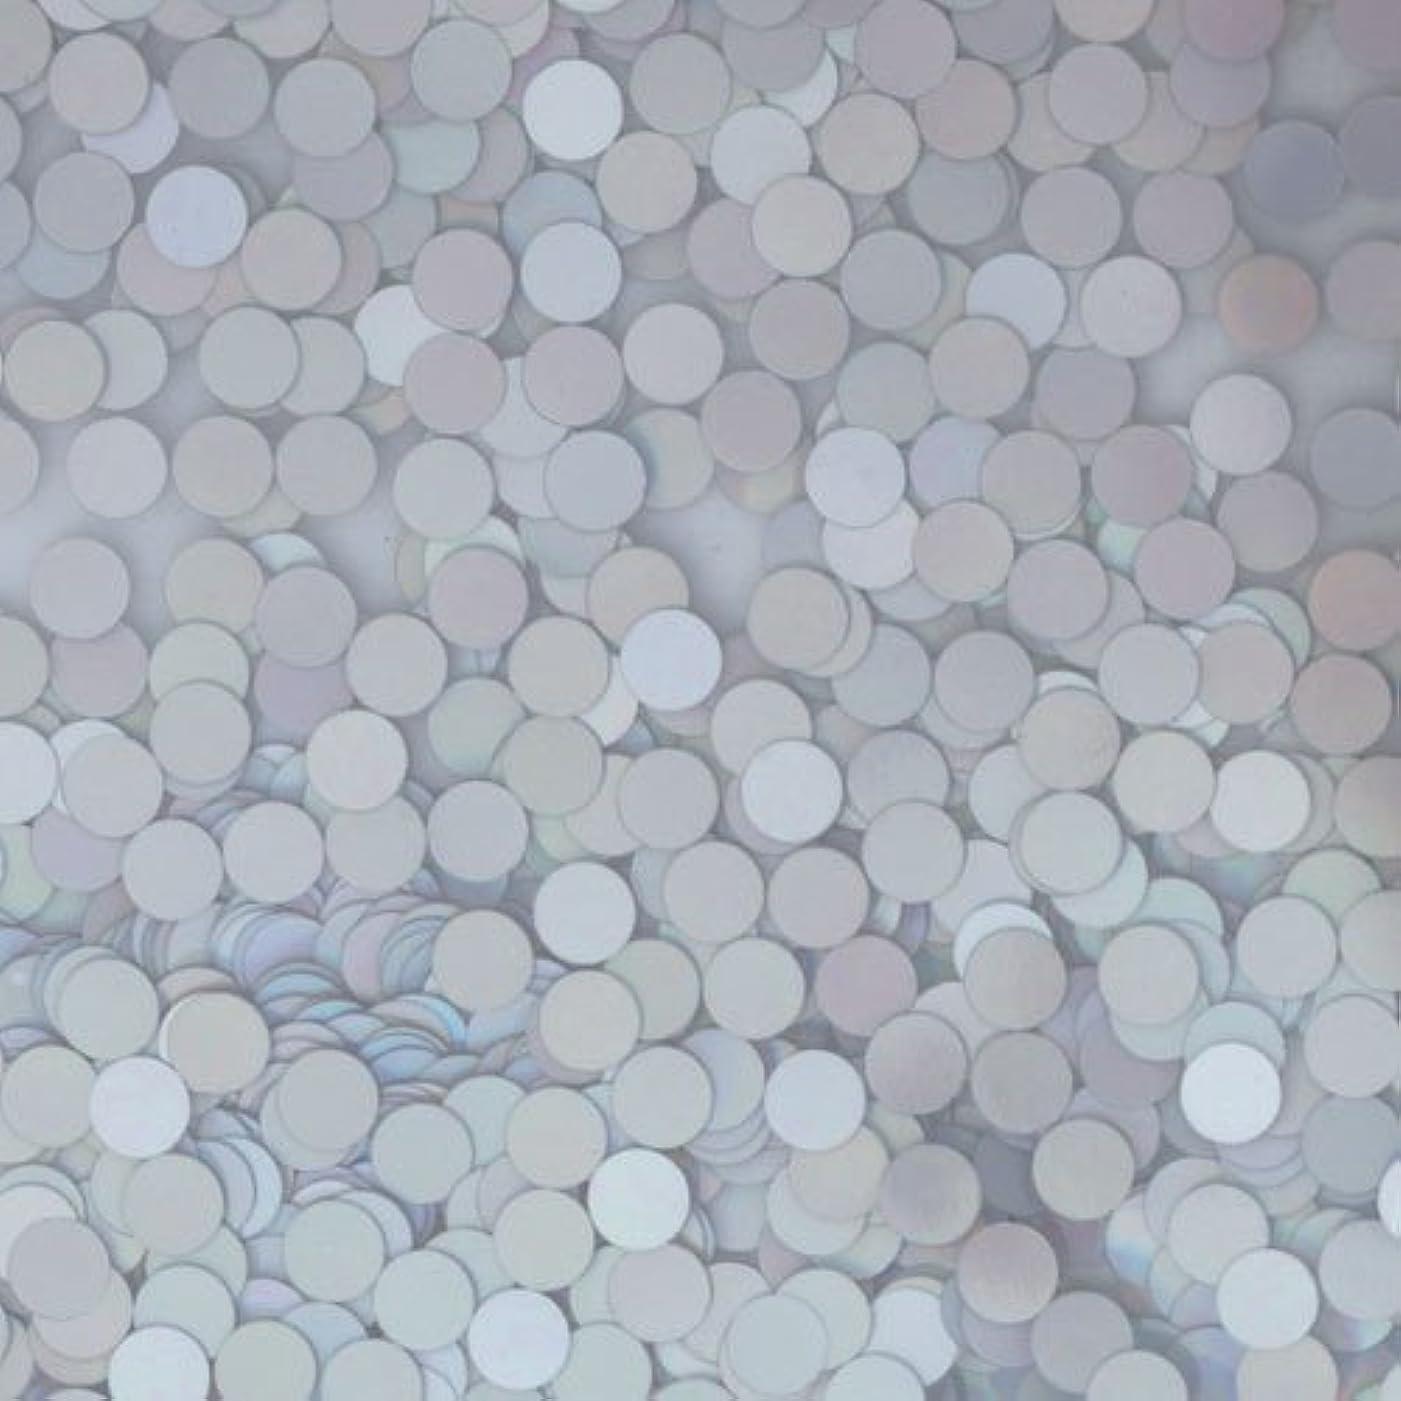 スクリュー監査お金ゴムピカエース ネイル用パウダー ピカエース 丸ホロ 1.5mm #883 マットシルバー 0.5g アート材